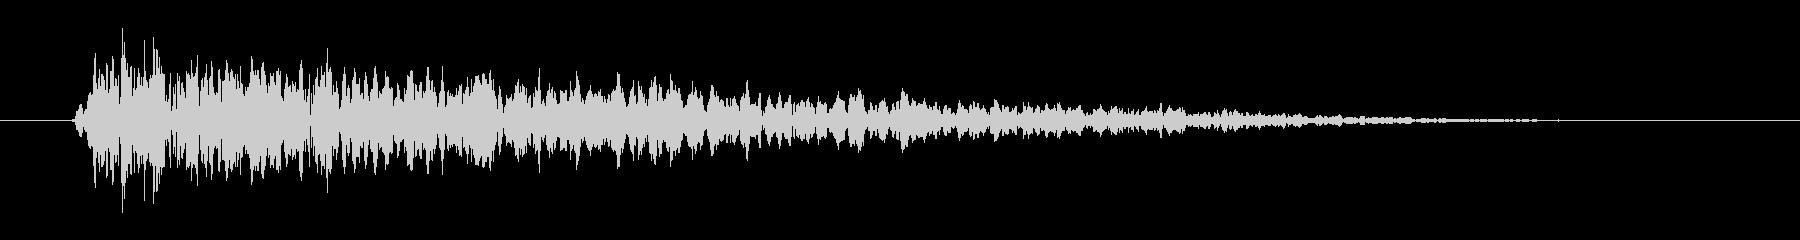 アイテム獲得音の未再生の波形